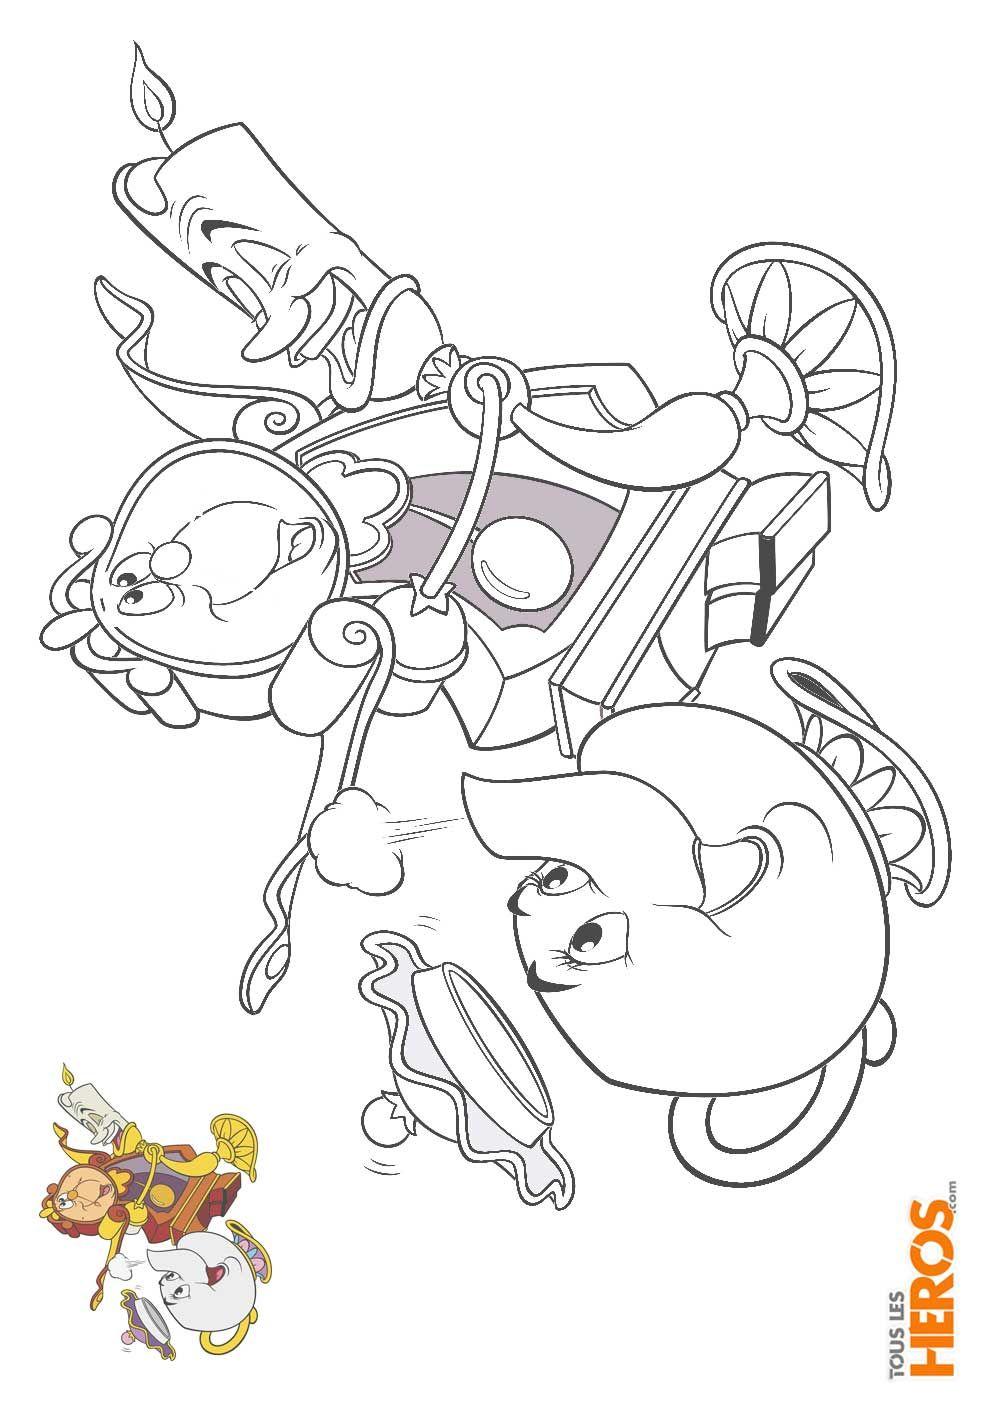 coloriage_la-belle-et-la-bete25.jpg 25×25,25 pixels  Disney